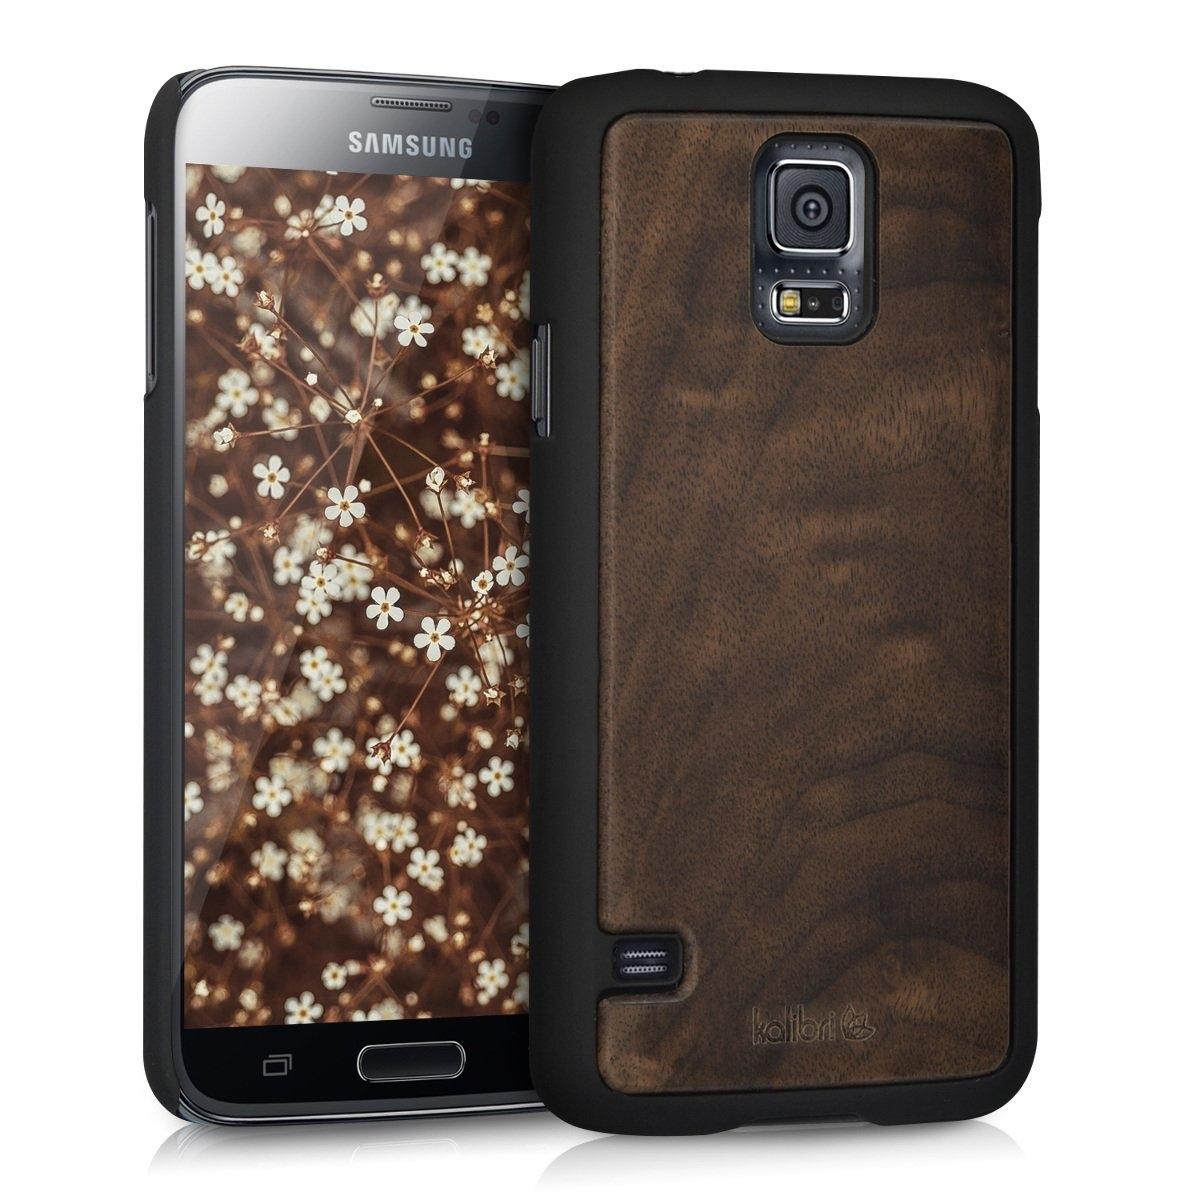 Kalibri Ξύλινη Θήκη Samsung Galaxy S5 / S5 Neo - Dark Brown (39054.18)